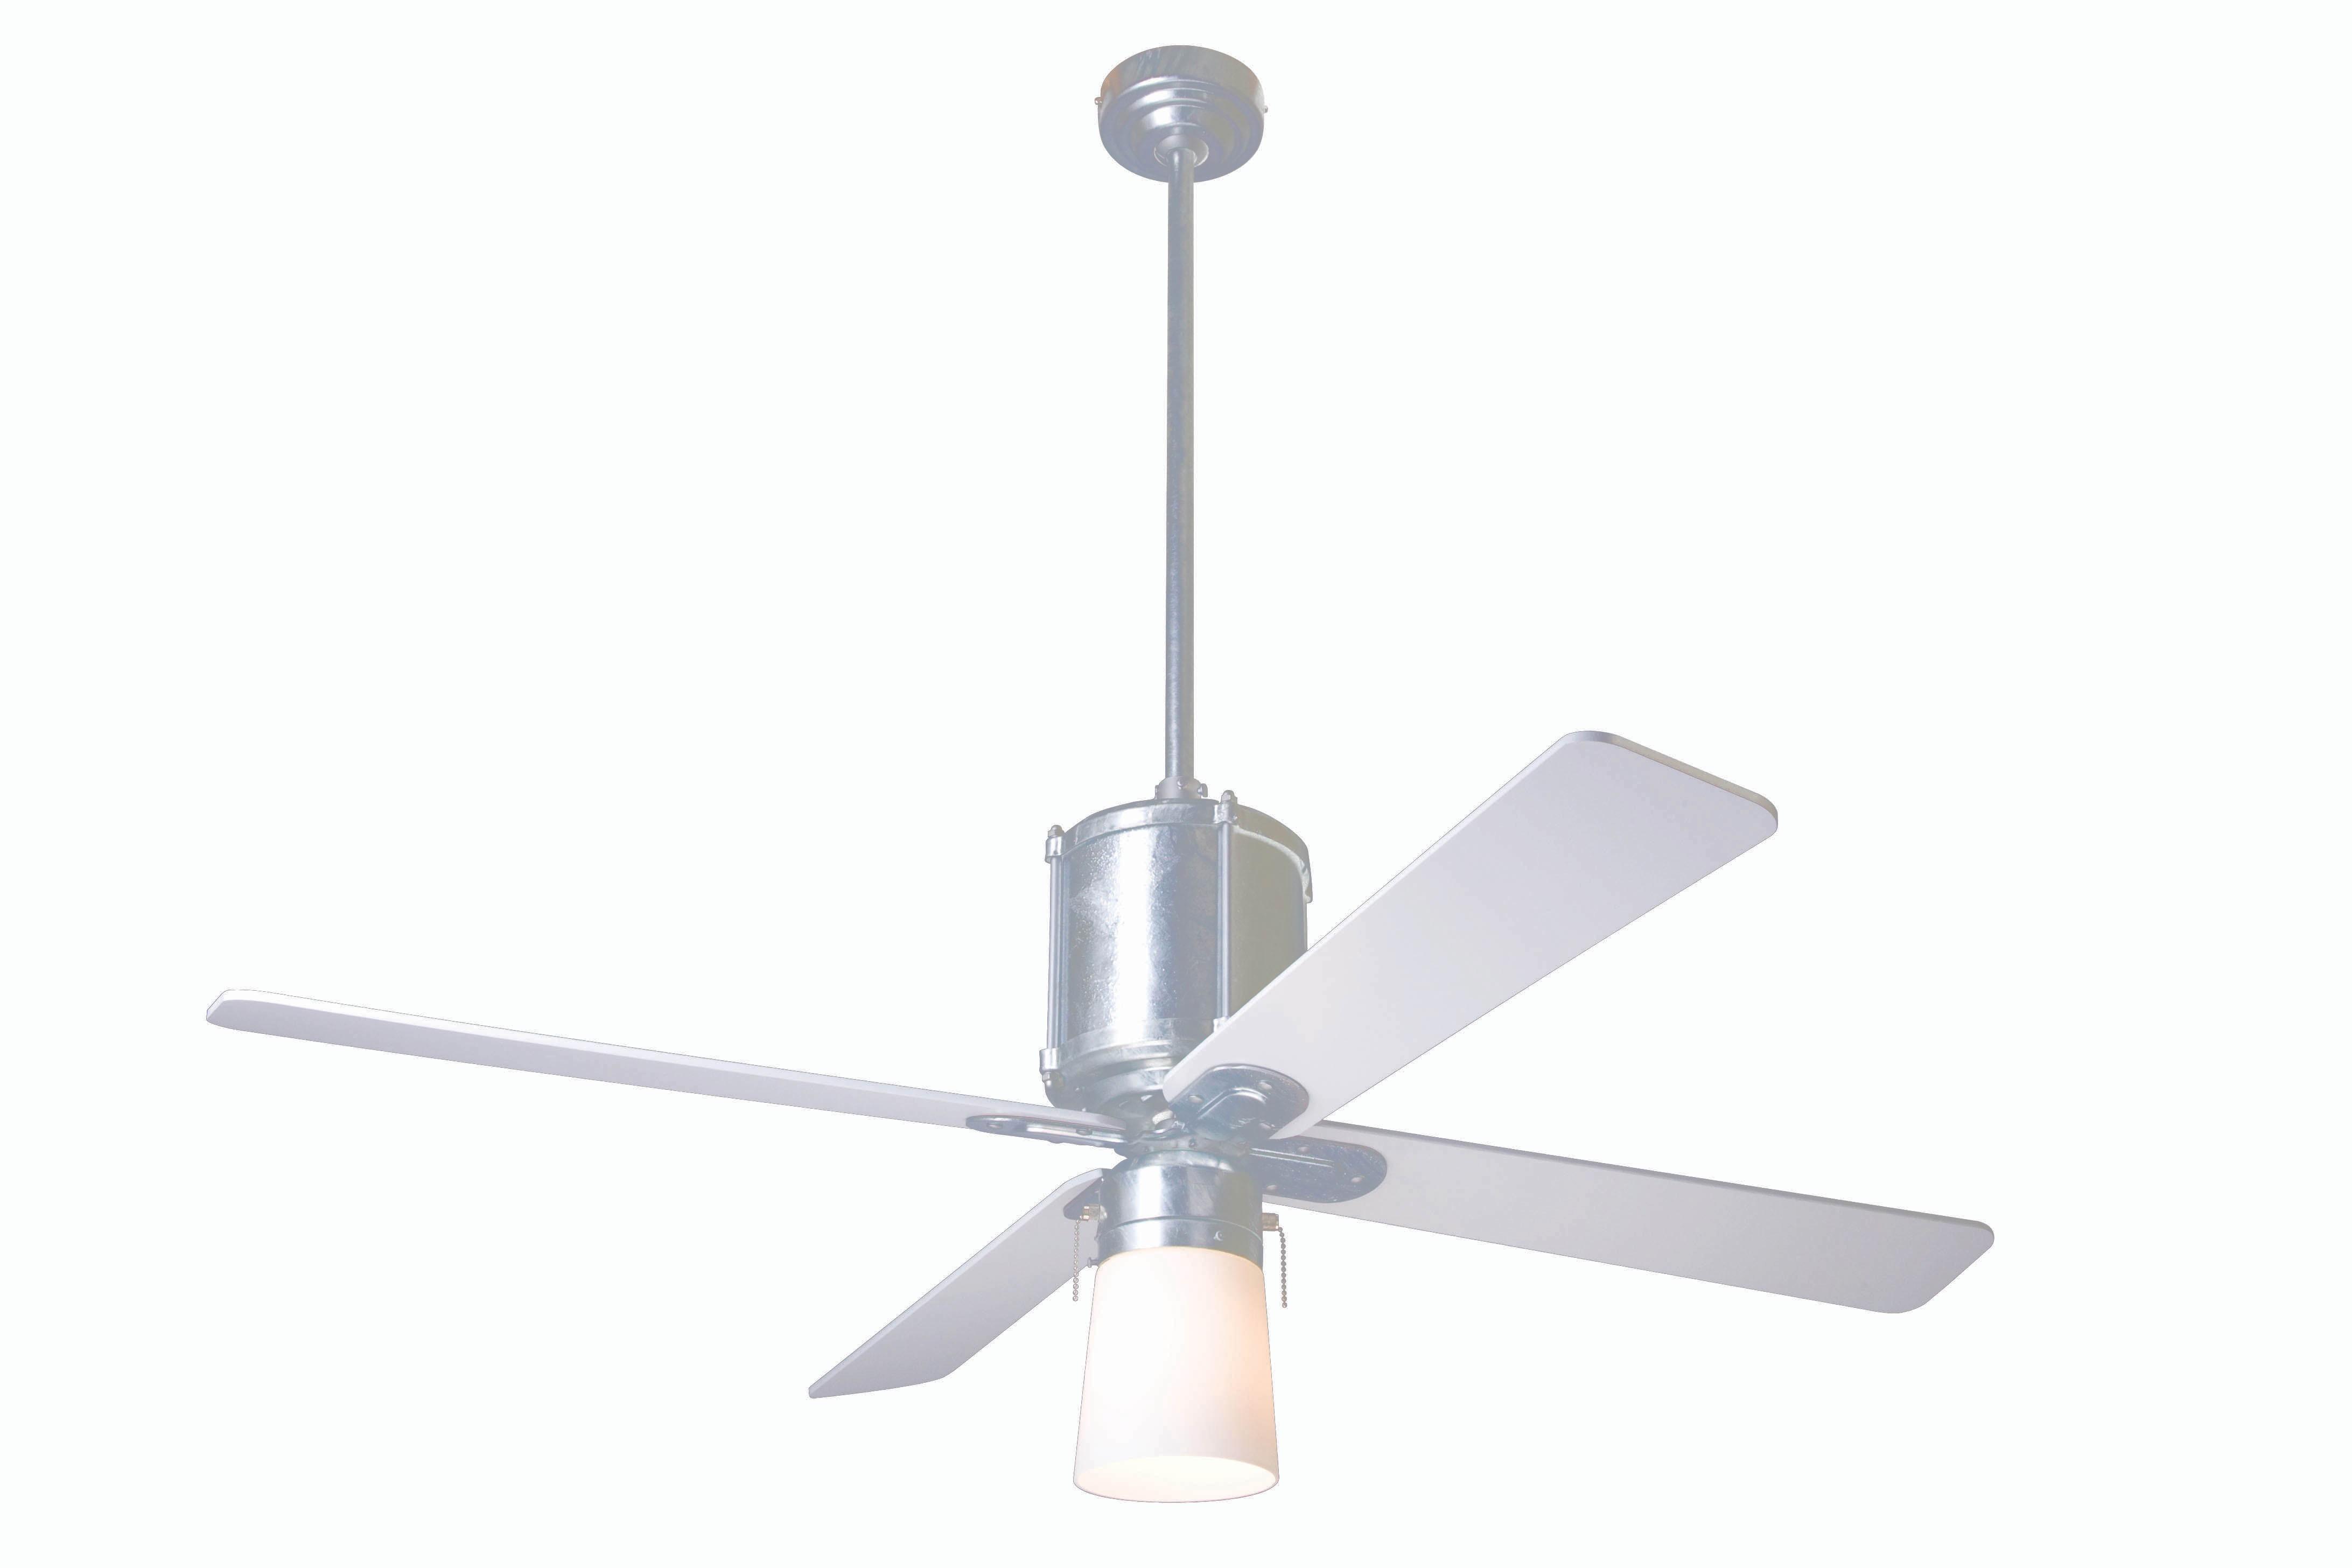 Fan pany IND GV 52 BK 950 002 Industry Galvanized Ceiling Fan